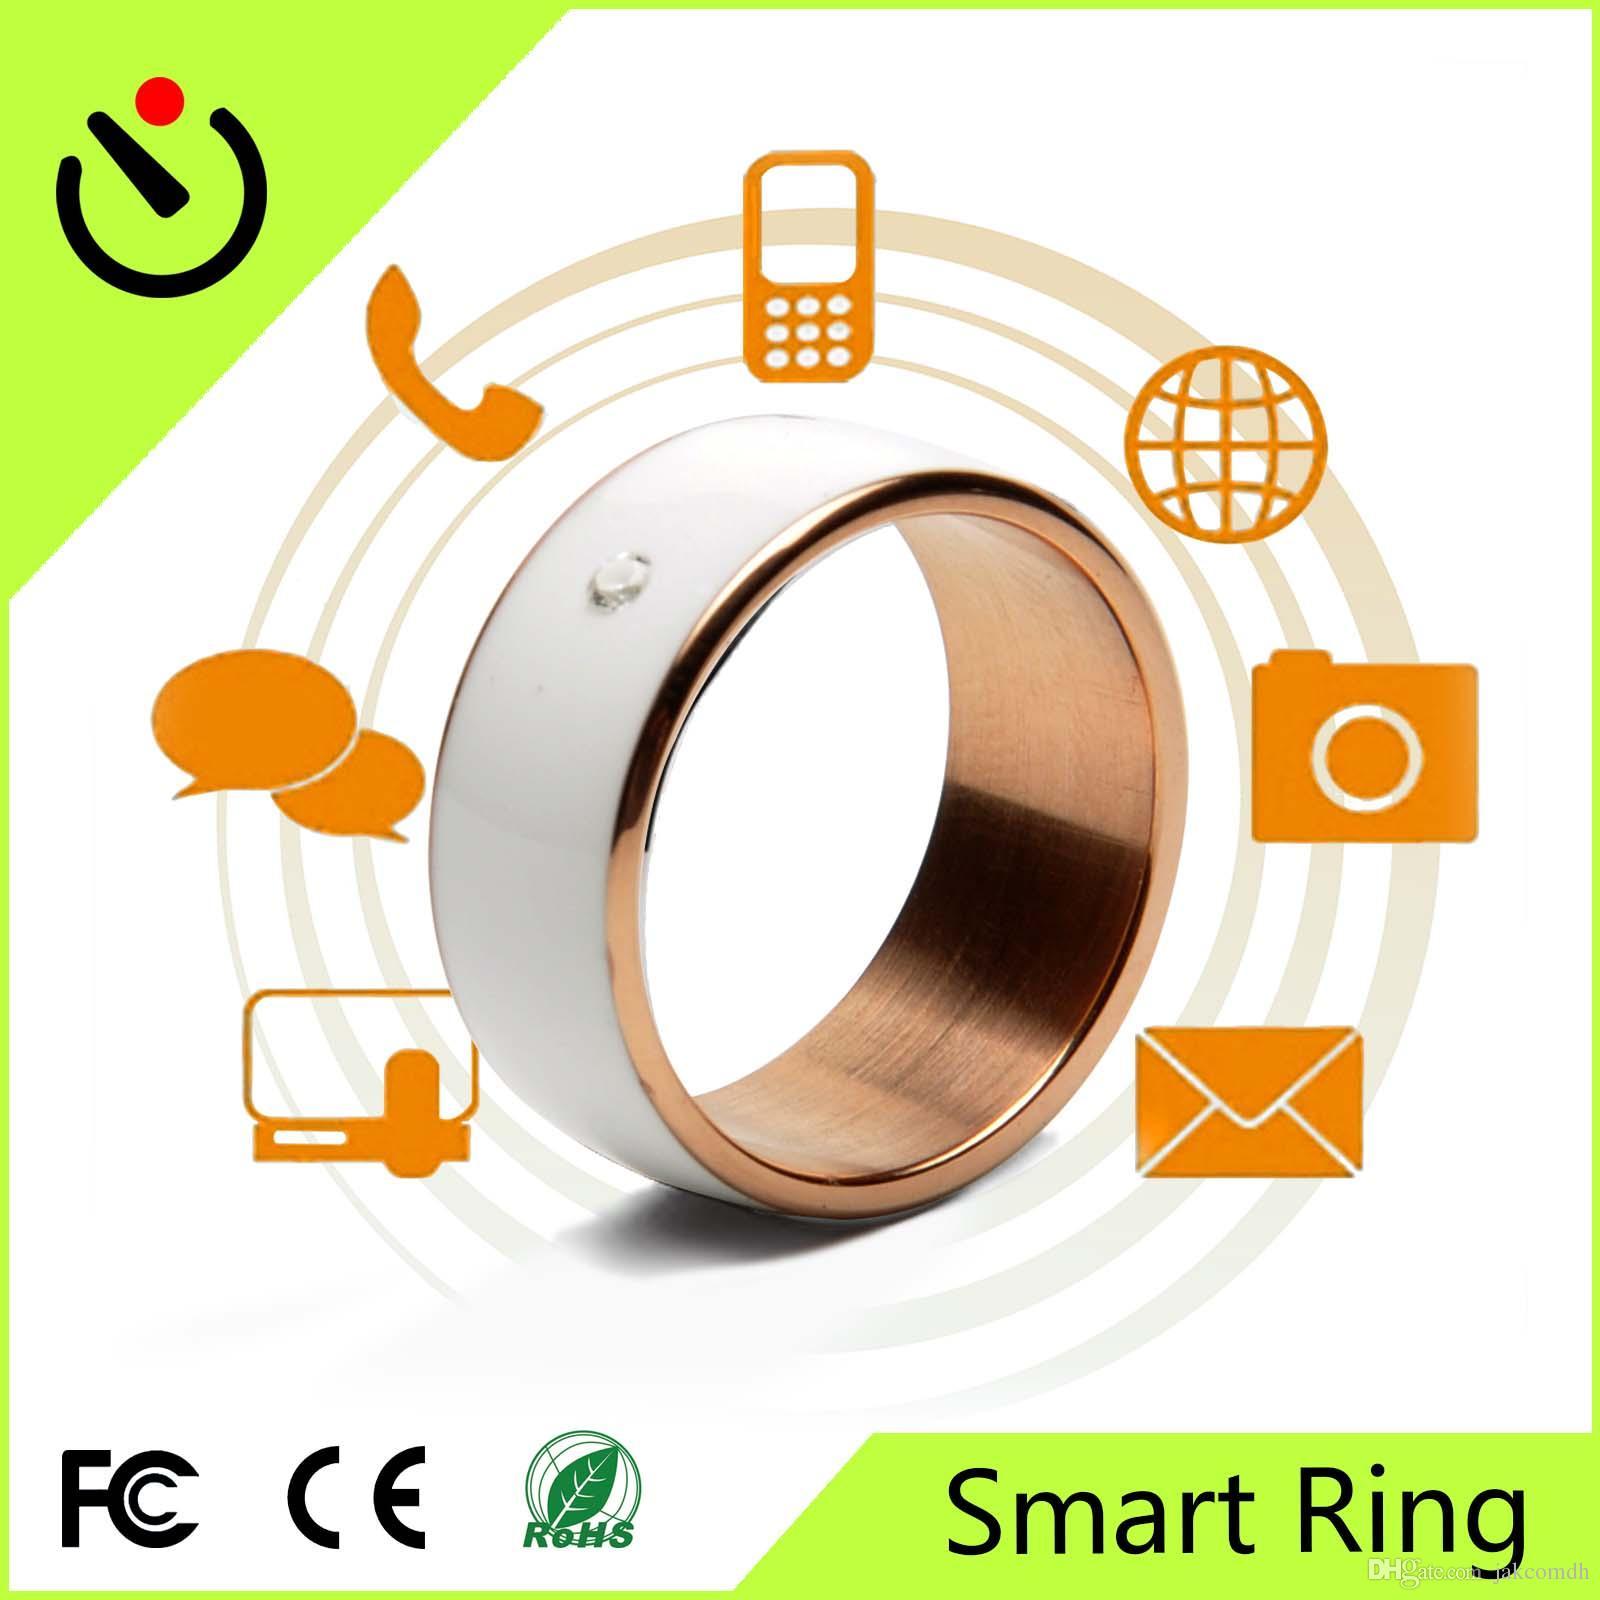 Smart Ring Аксессуары для мобильных телефонов Устройства разблокировки сотовых телефонов Nfc Android Bb Wp Горячая распродажа как Icloud Removal R-Sim 10 Gevey Aio 5